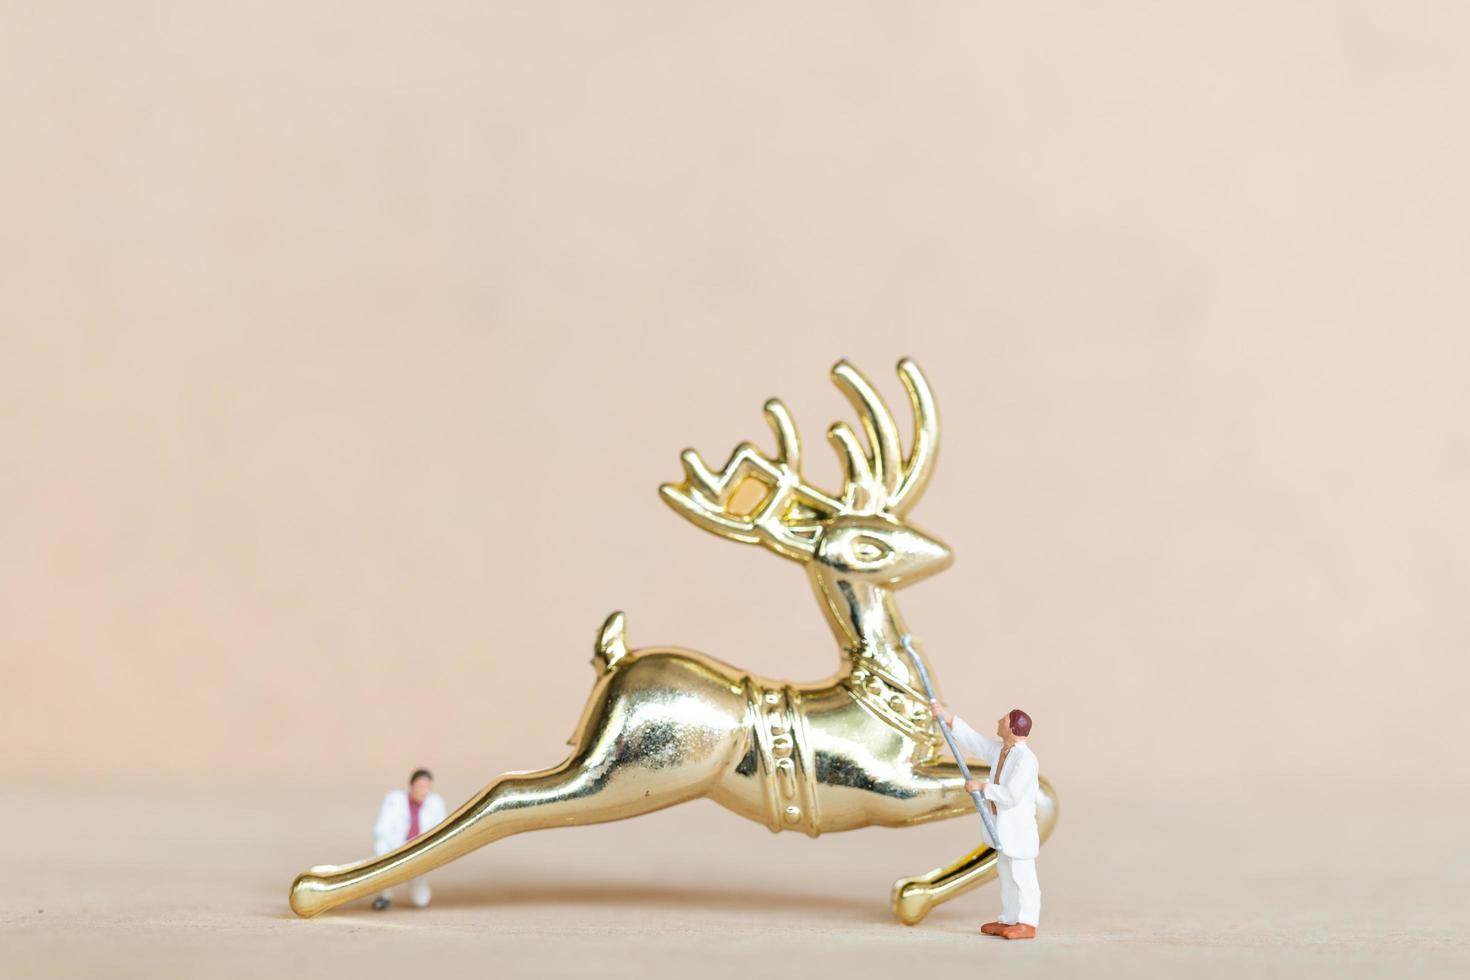 personnes miniatures travaillant sur des décorations de Noël photo